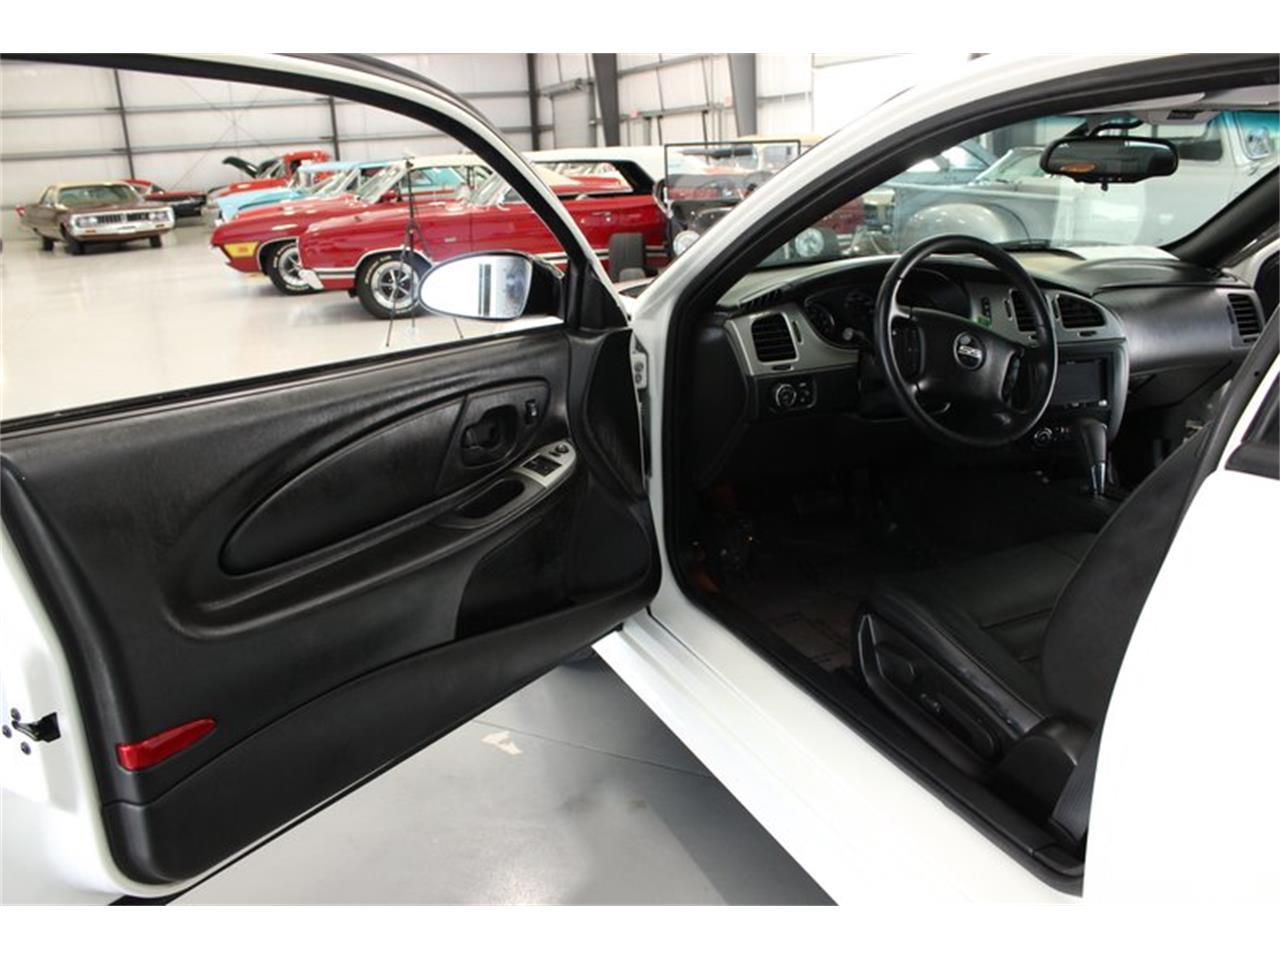 2007 Chevrolet Monte Carlo (CC-1221656) for sale in Palmetto, Florida